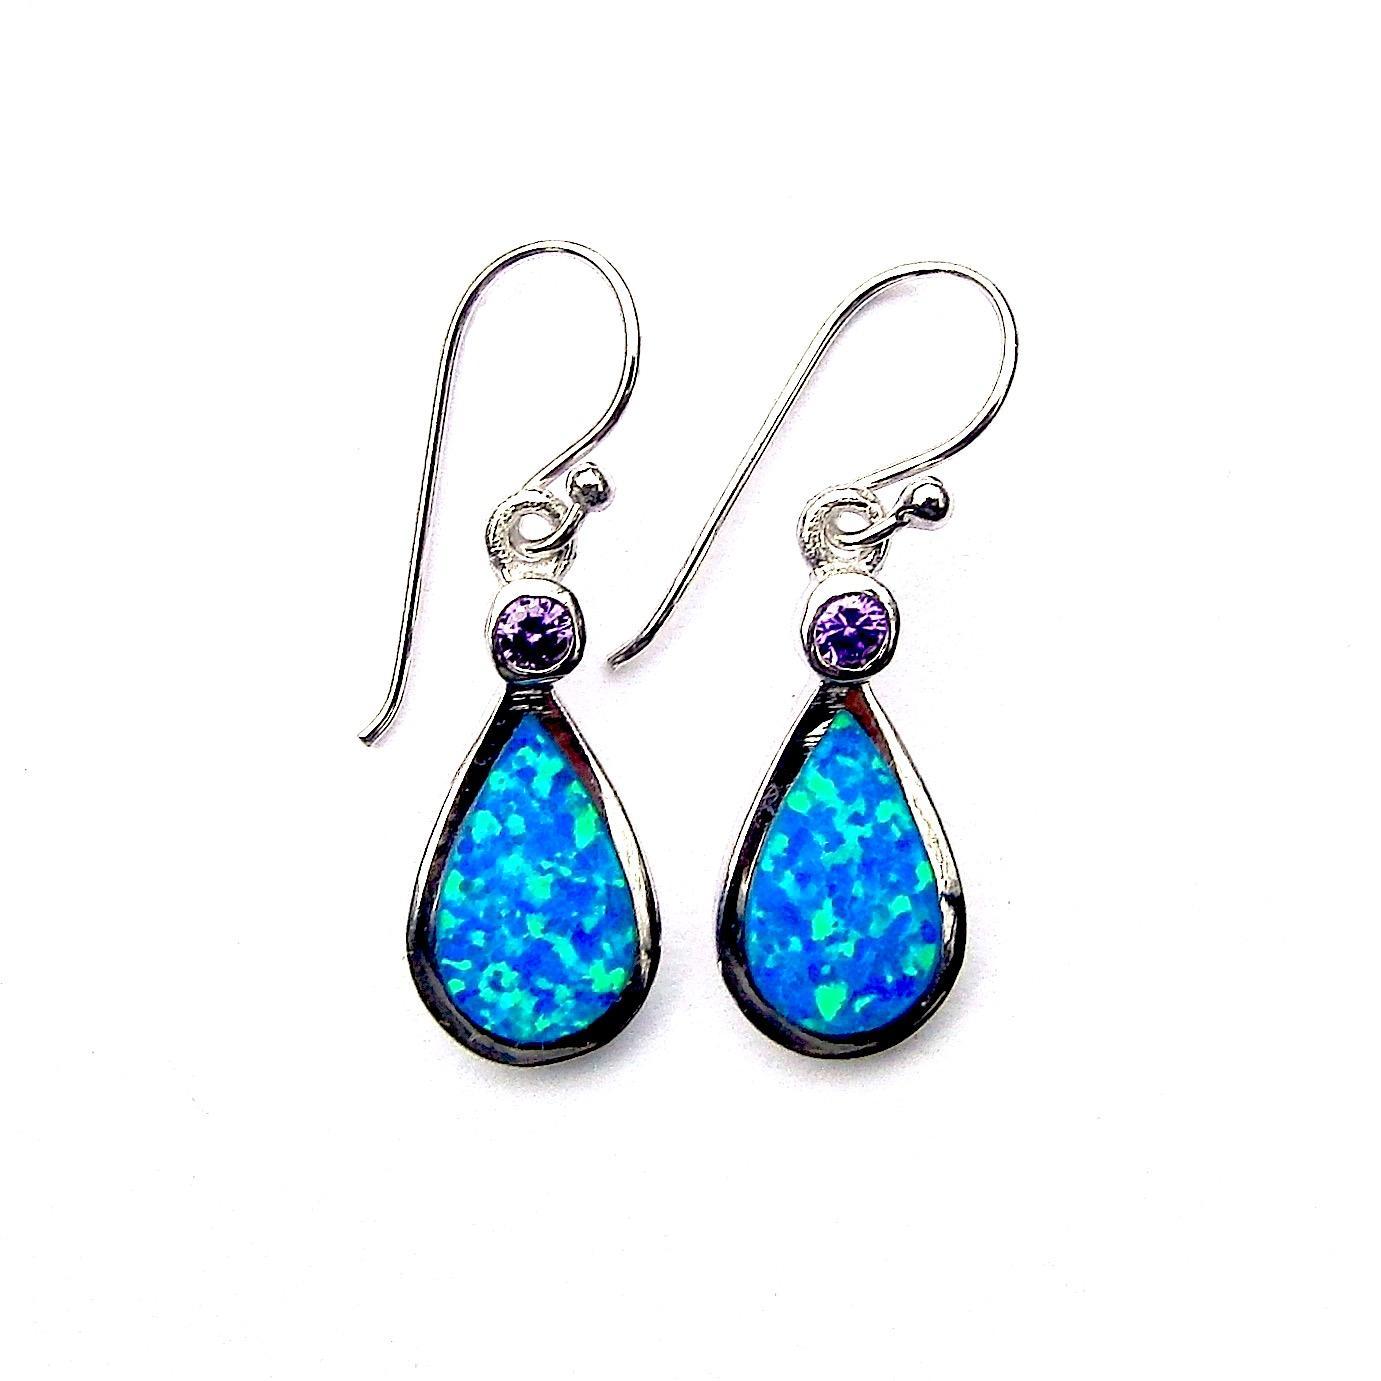 Beautiful Blue Opal and Amethyst Teardrop Earrings